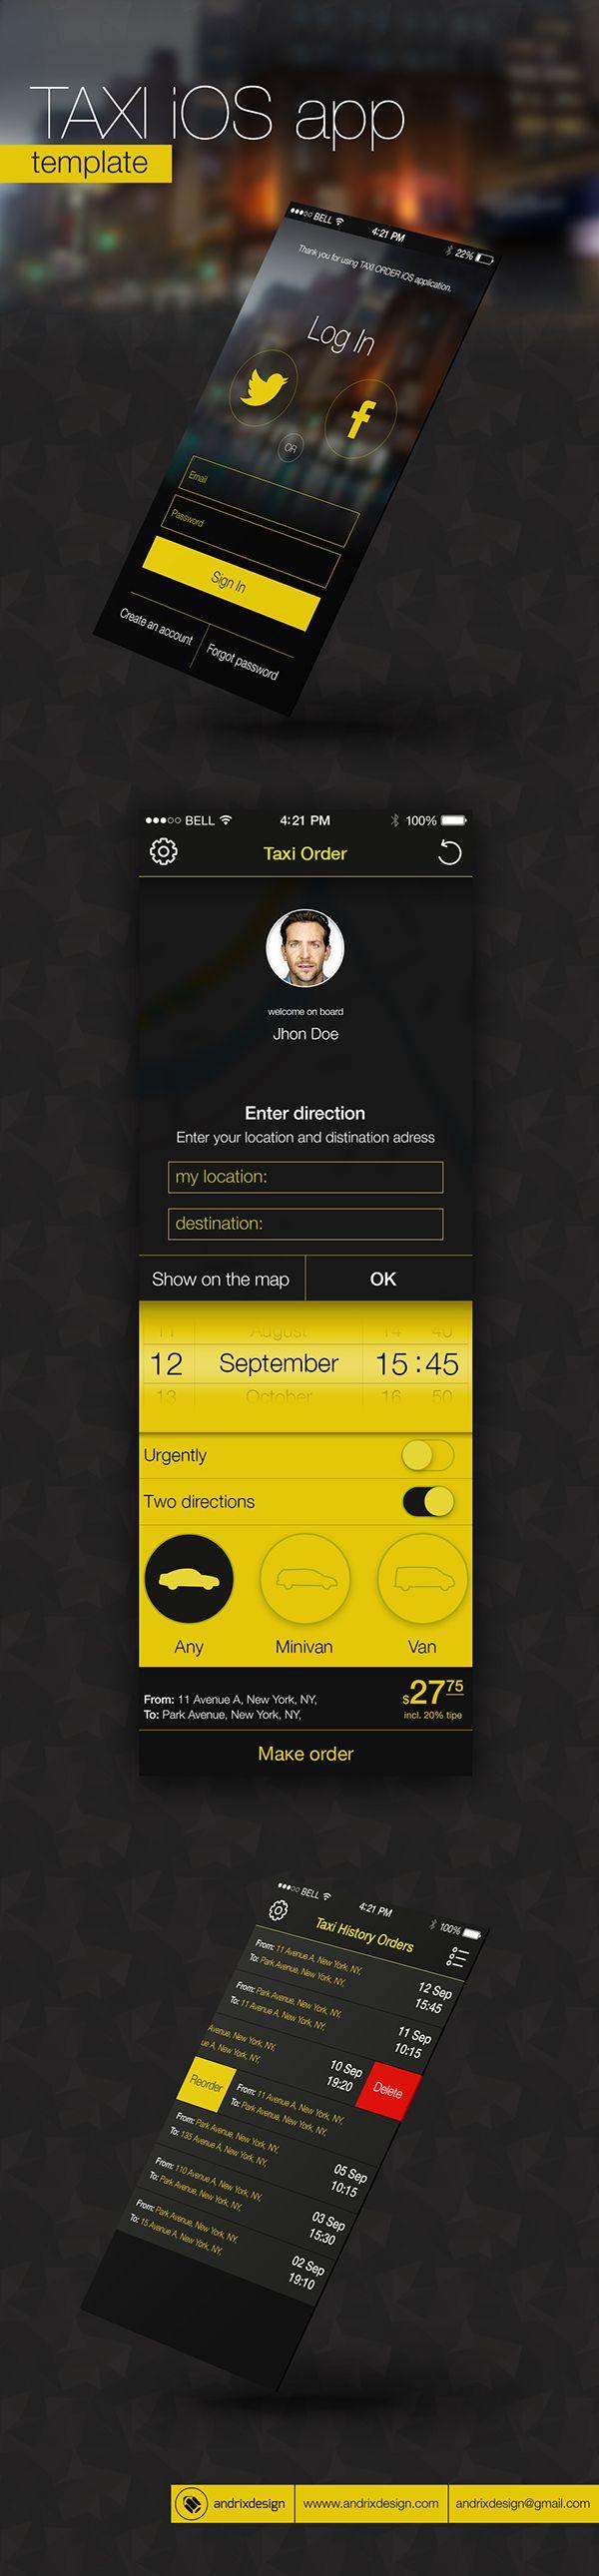 Taxi iOS app template on Behance